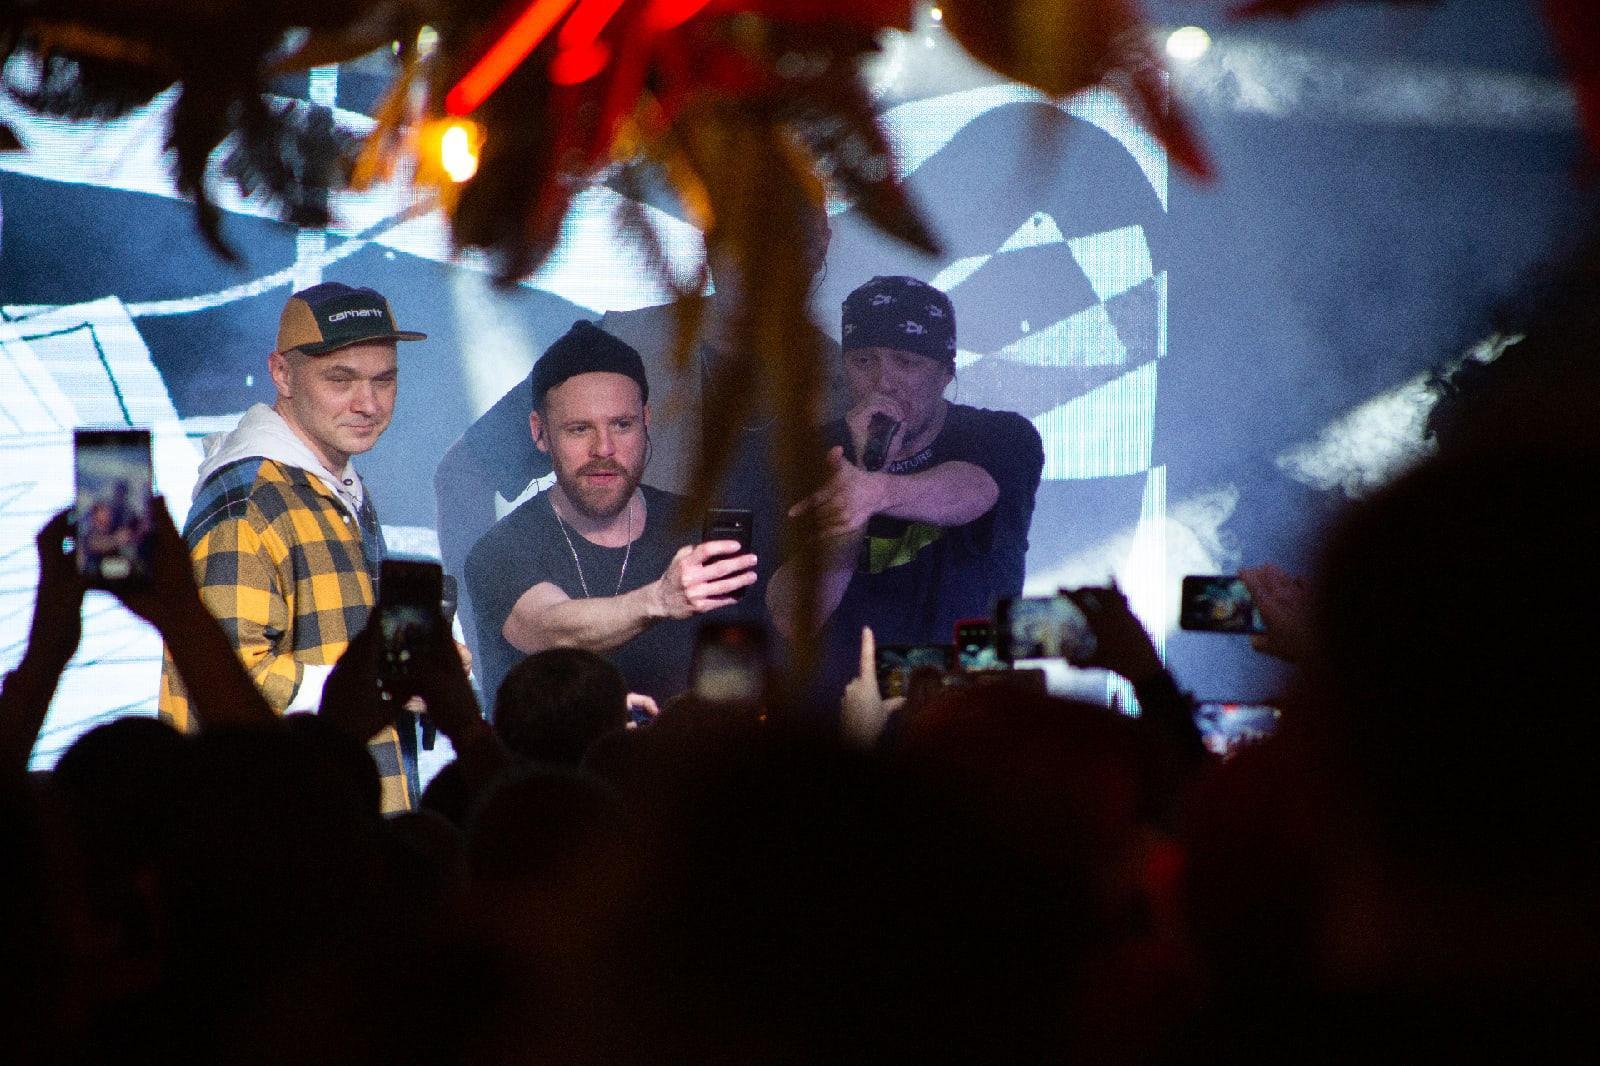 фото «Какие-то типы качают головой в ритм»: группа «Каста» выступила в Новосибирске – 10 фото с долгожданного концерта 8